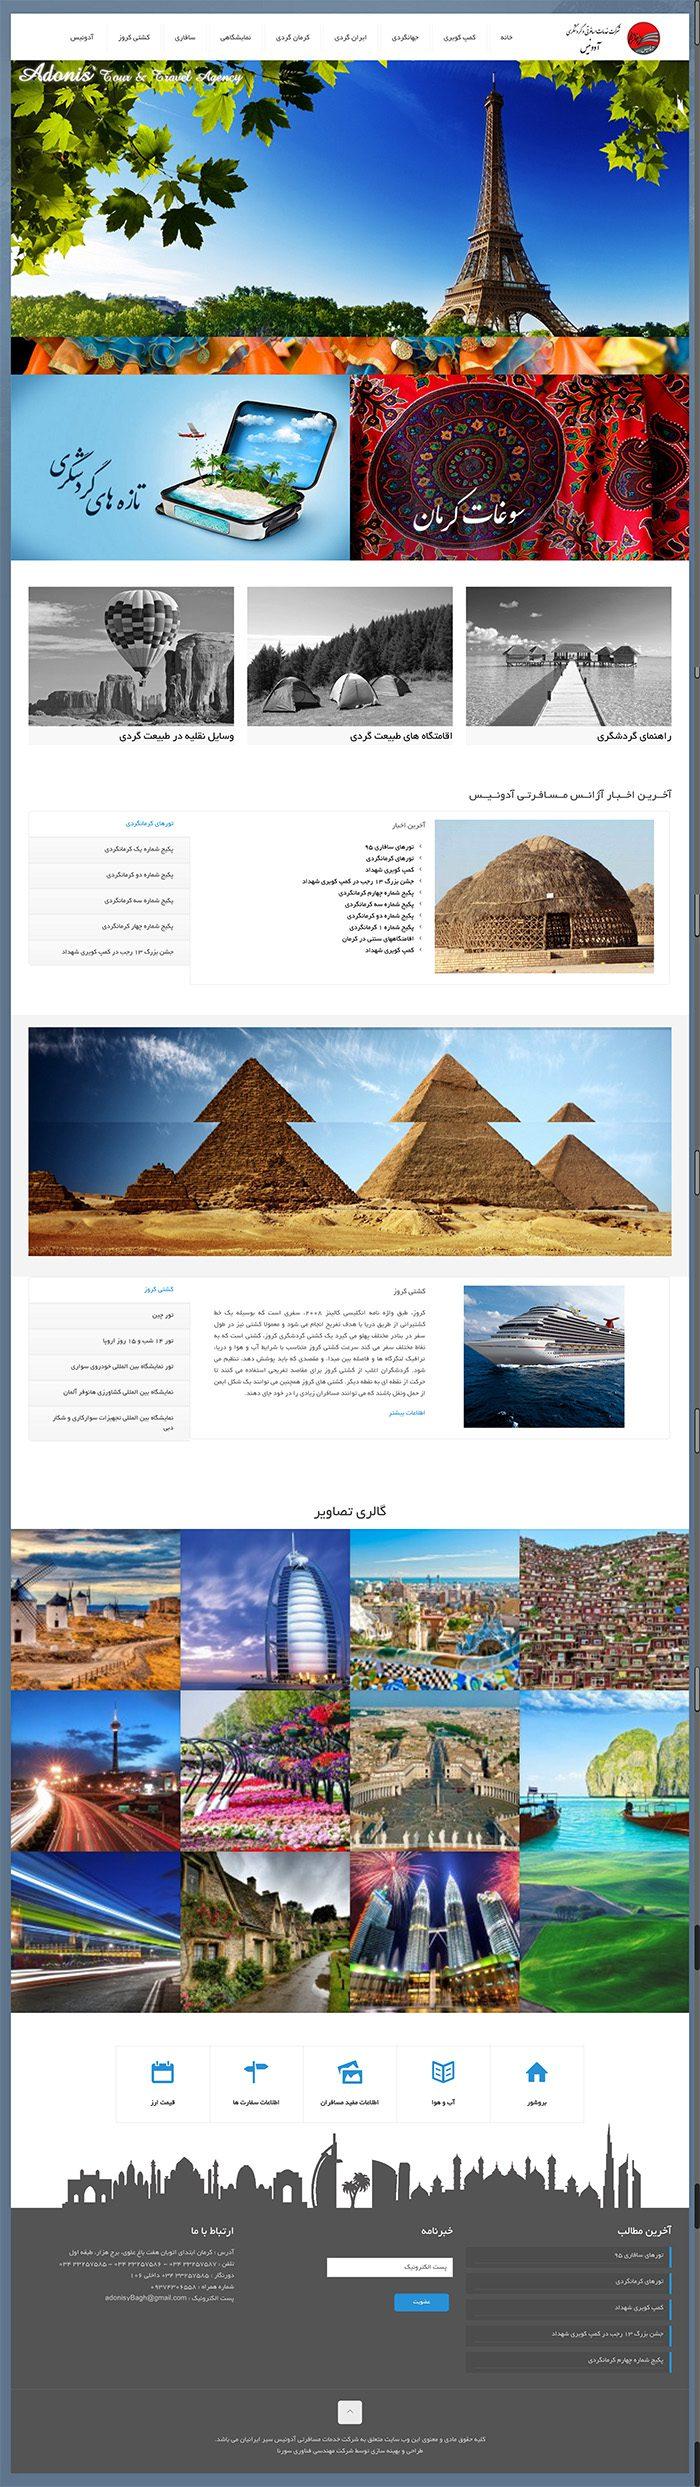 طراحی سایت آژانس آدونیس توسط شرکت طراحی سایت سورنا در کرمان